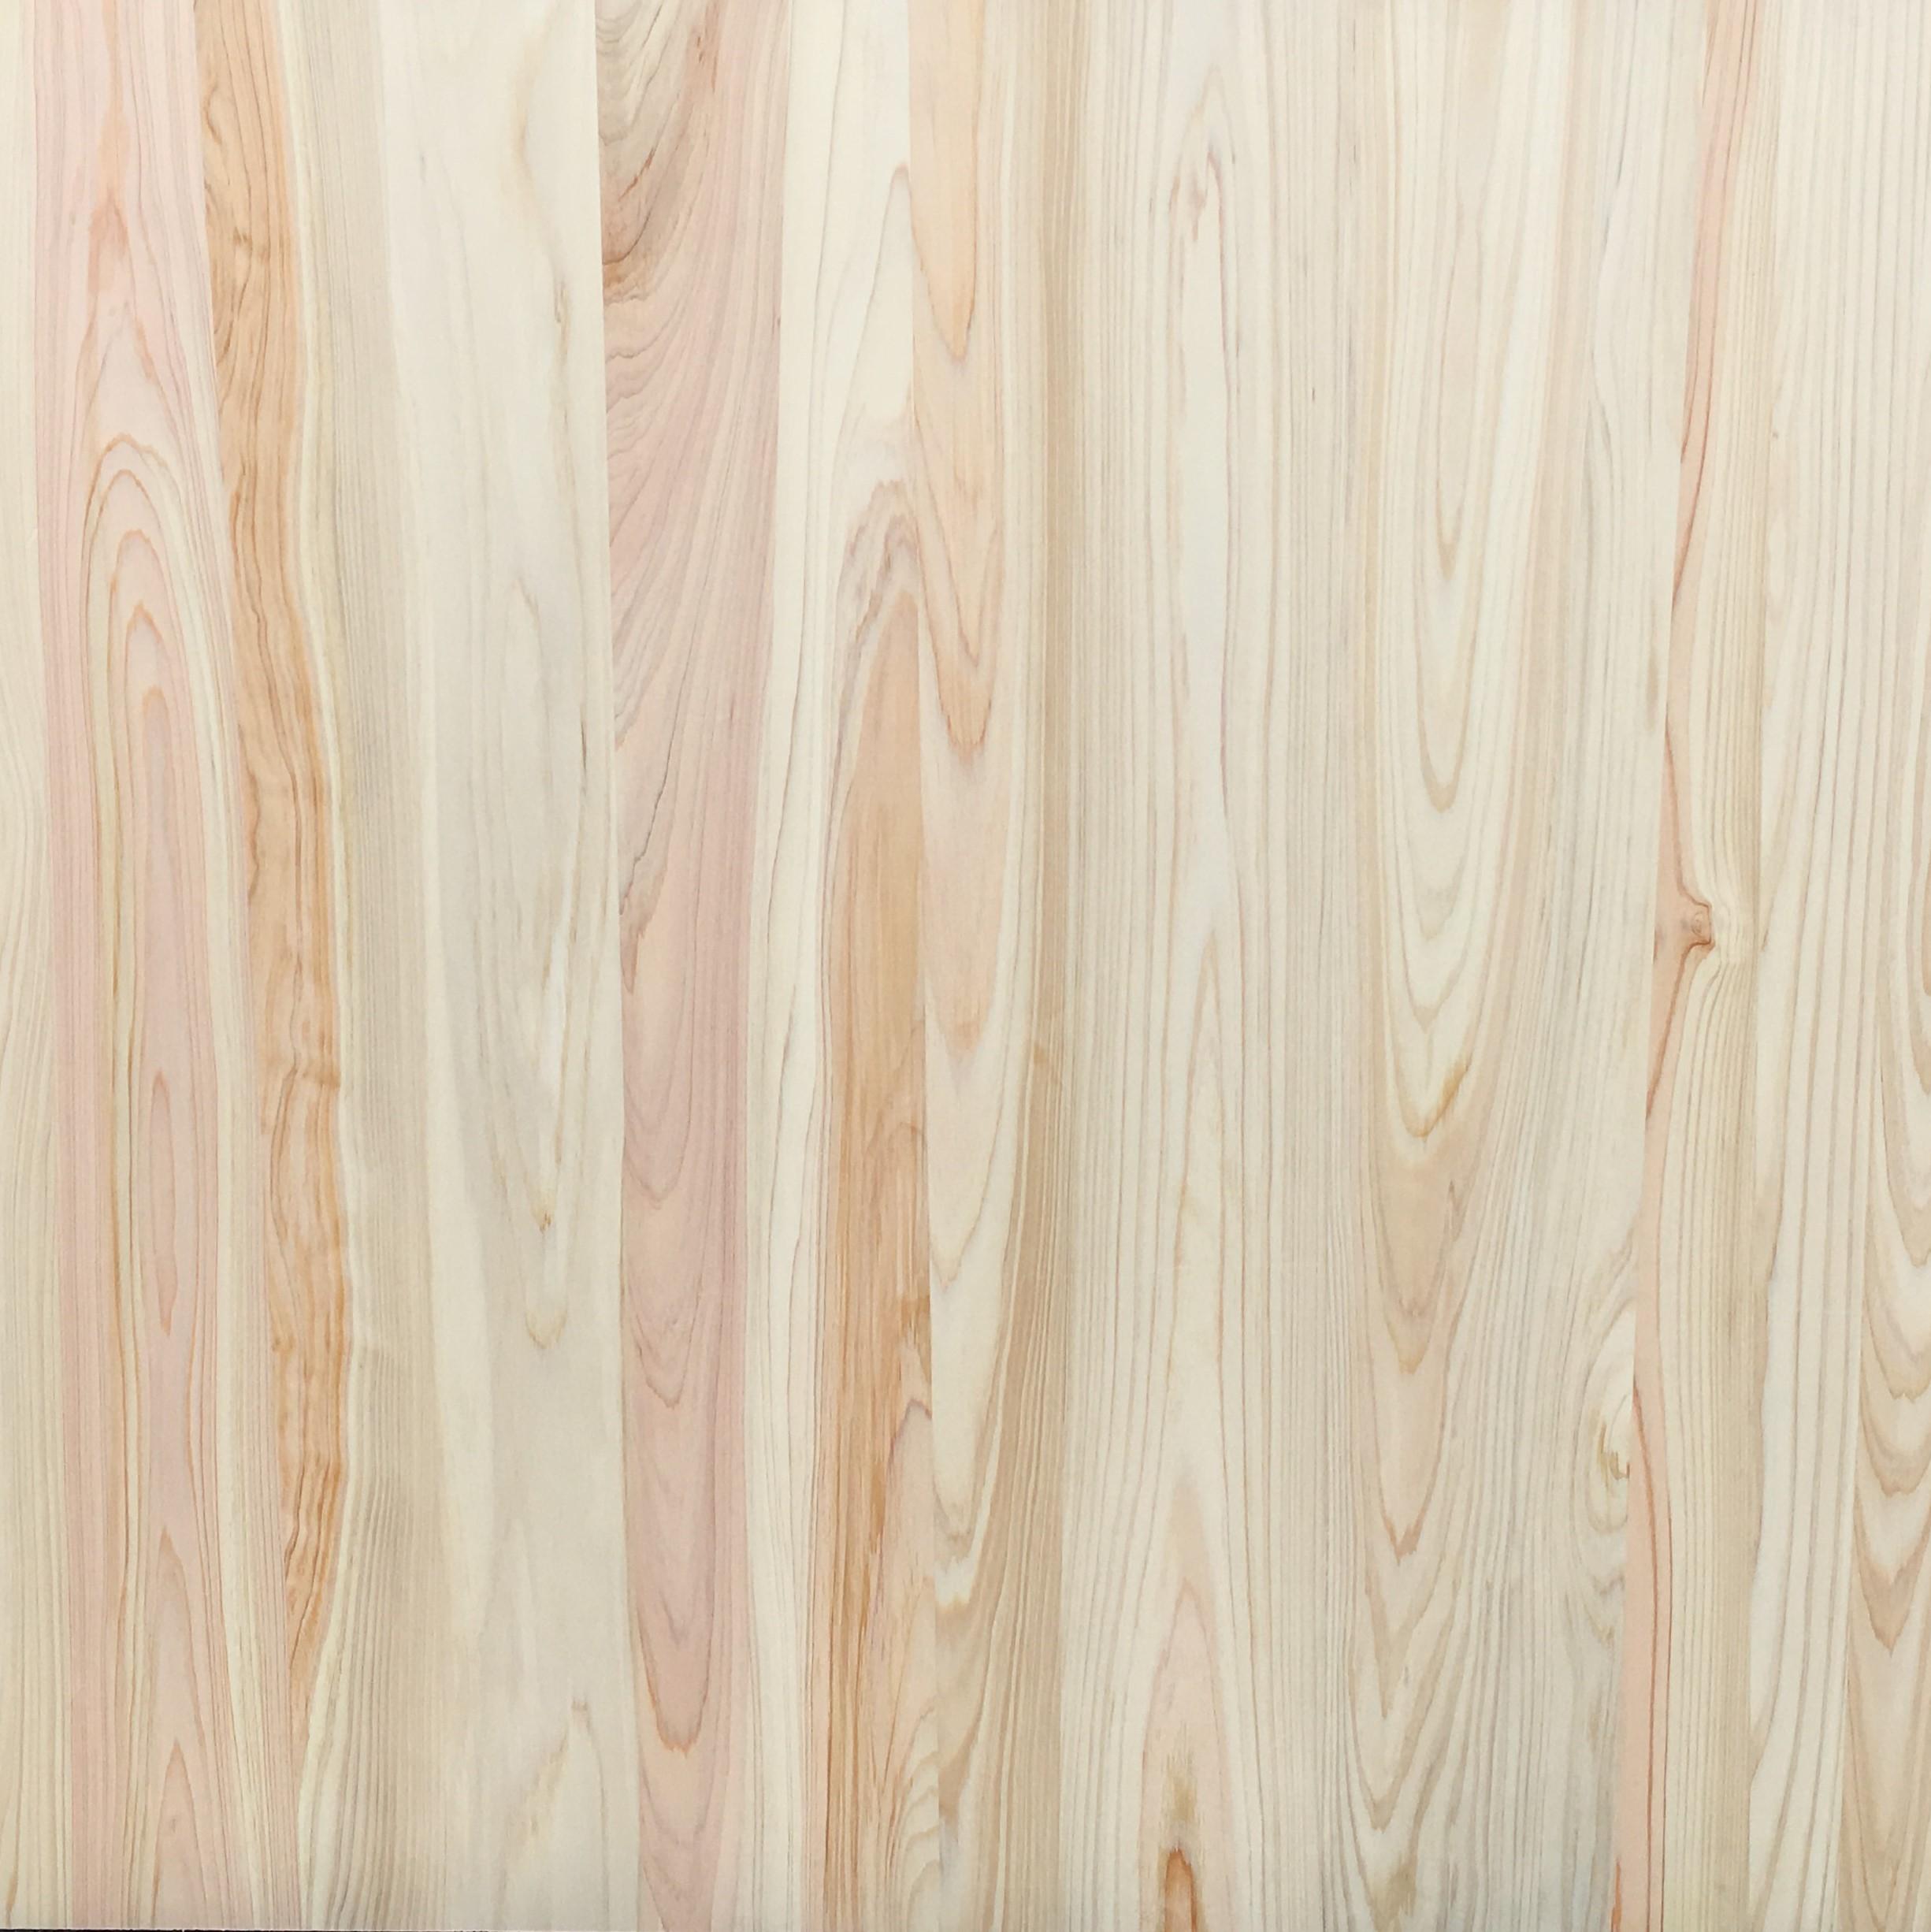 桧幅ハギパネル 20厚×910幅×1810長